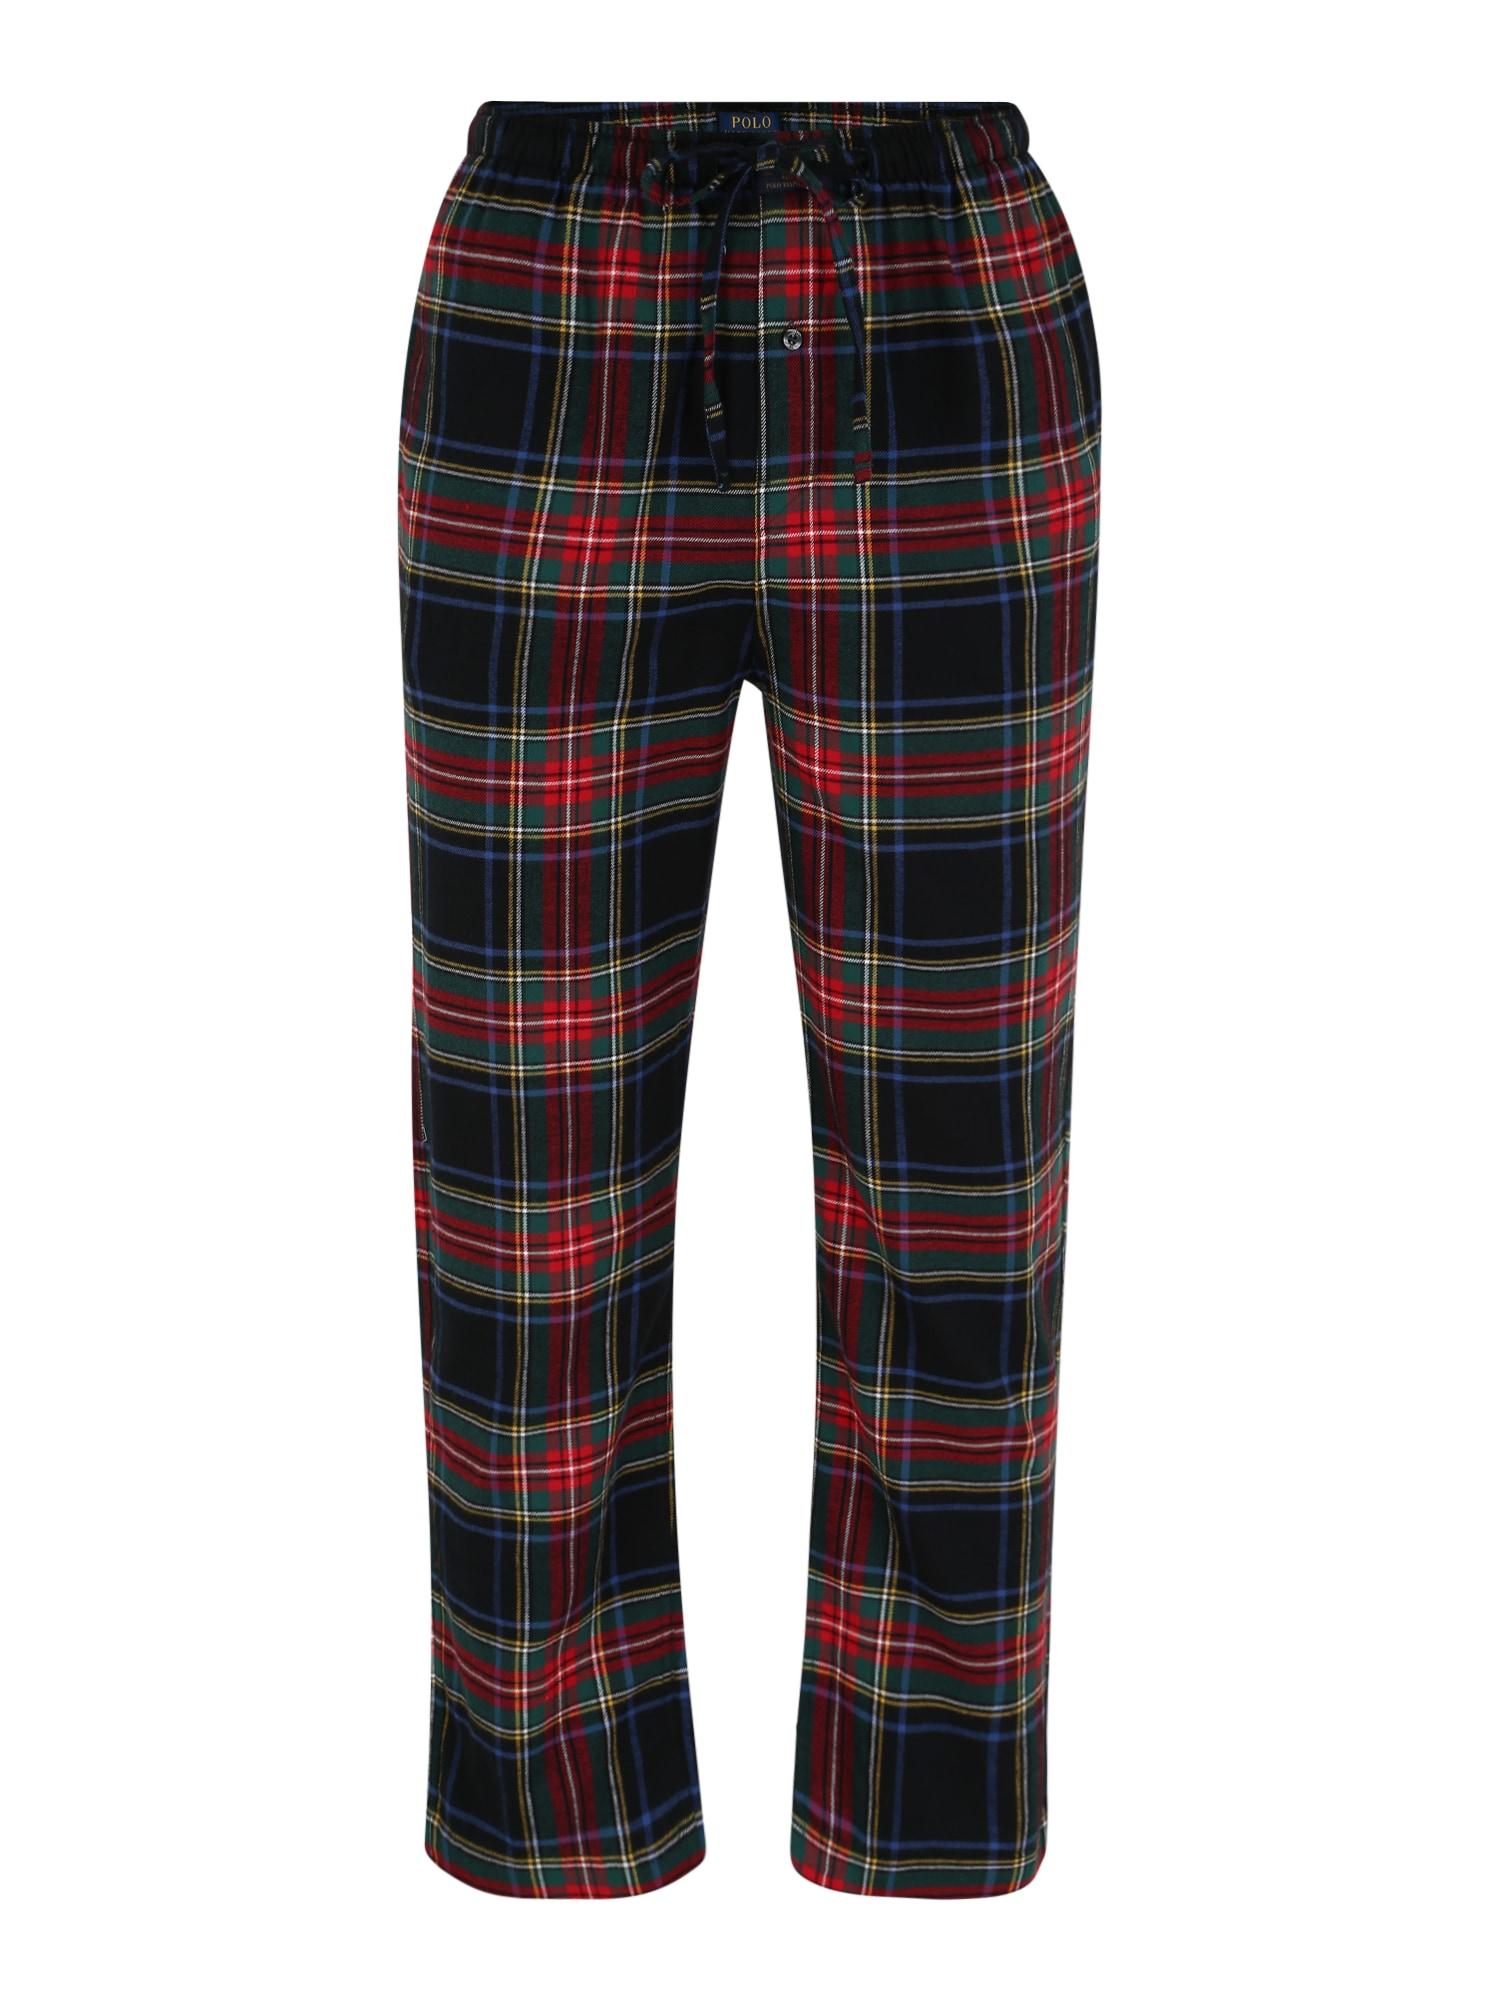 POLO RALPH LAUREN Pižaminės kelnės tamsiai mėlyna / raudona / tamsiai žalia / pilka